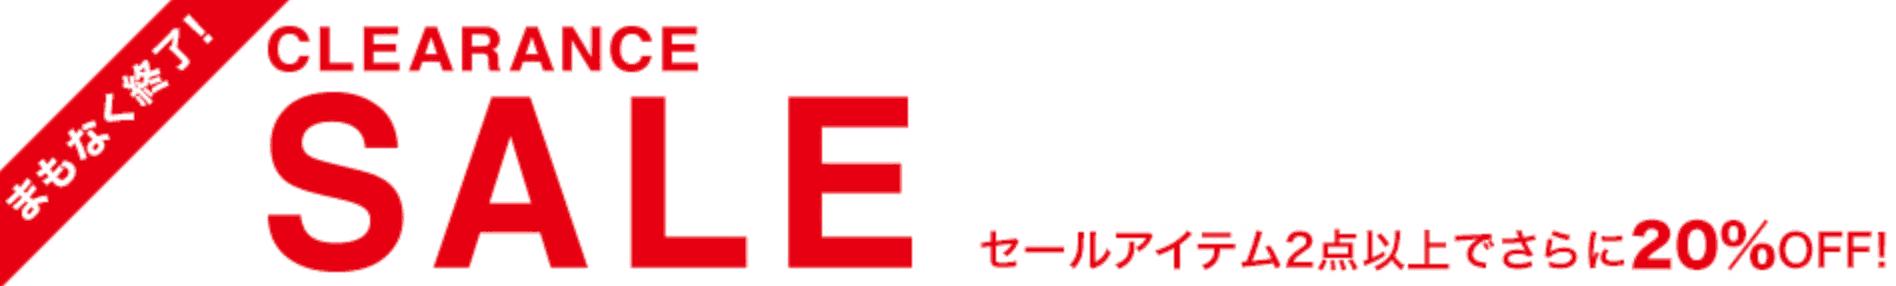 【期間限定】Francfranc(フランフラン)「最大50%OFF」クリアランスセール